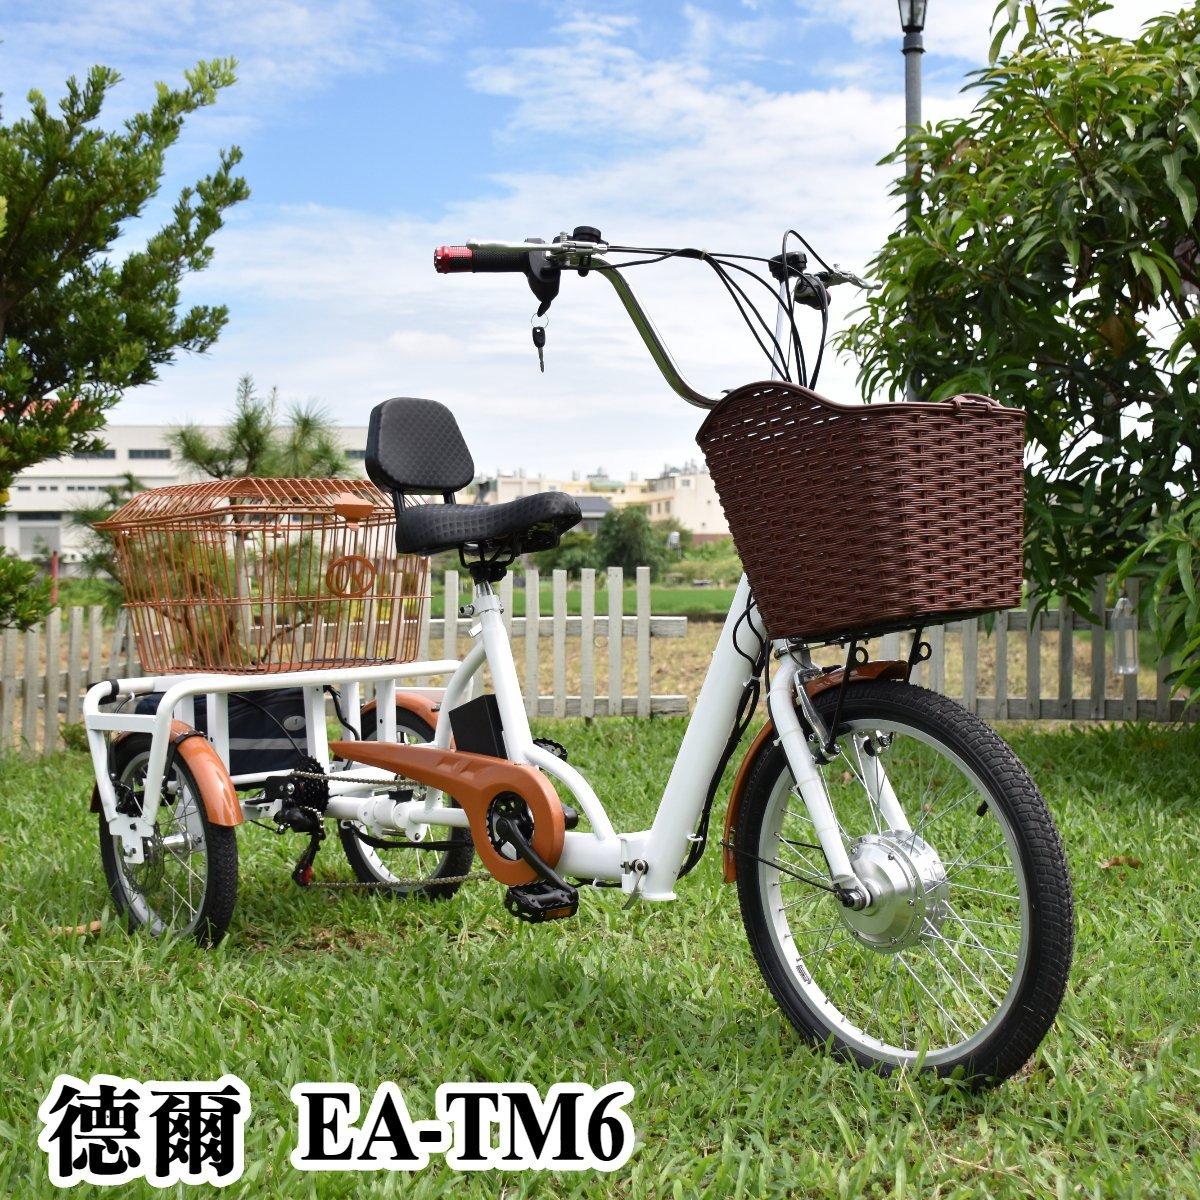 德爾綠能 EA-TM6台灣製造 日式電動三輪車 摺疊三輪車 搭配Shimano6速變速器 碟煞版 代步車 三輪車